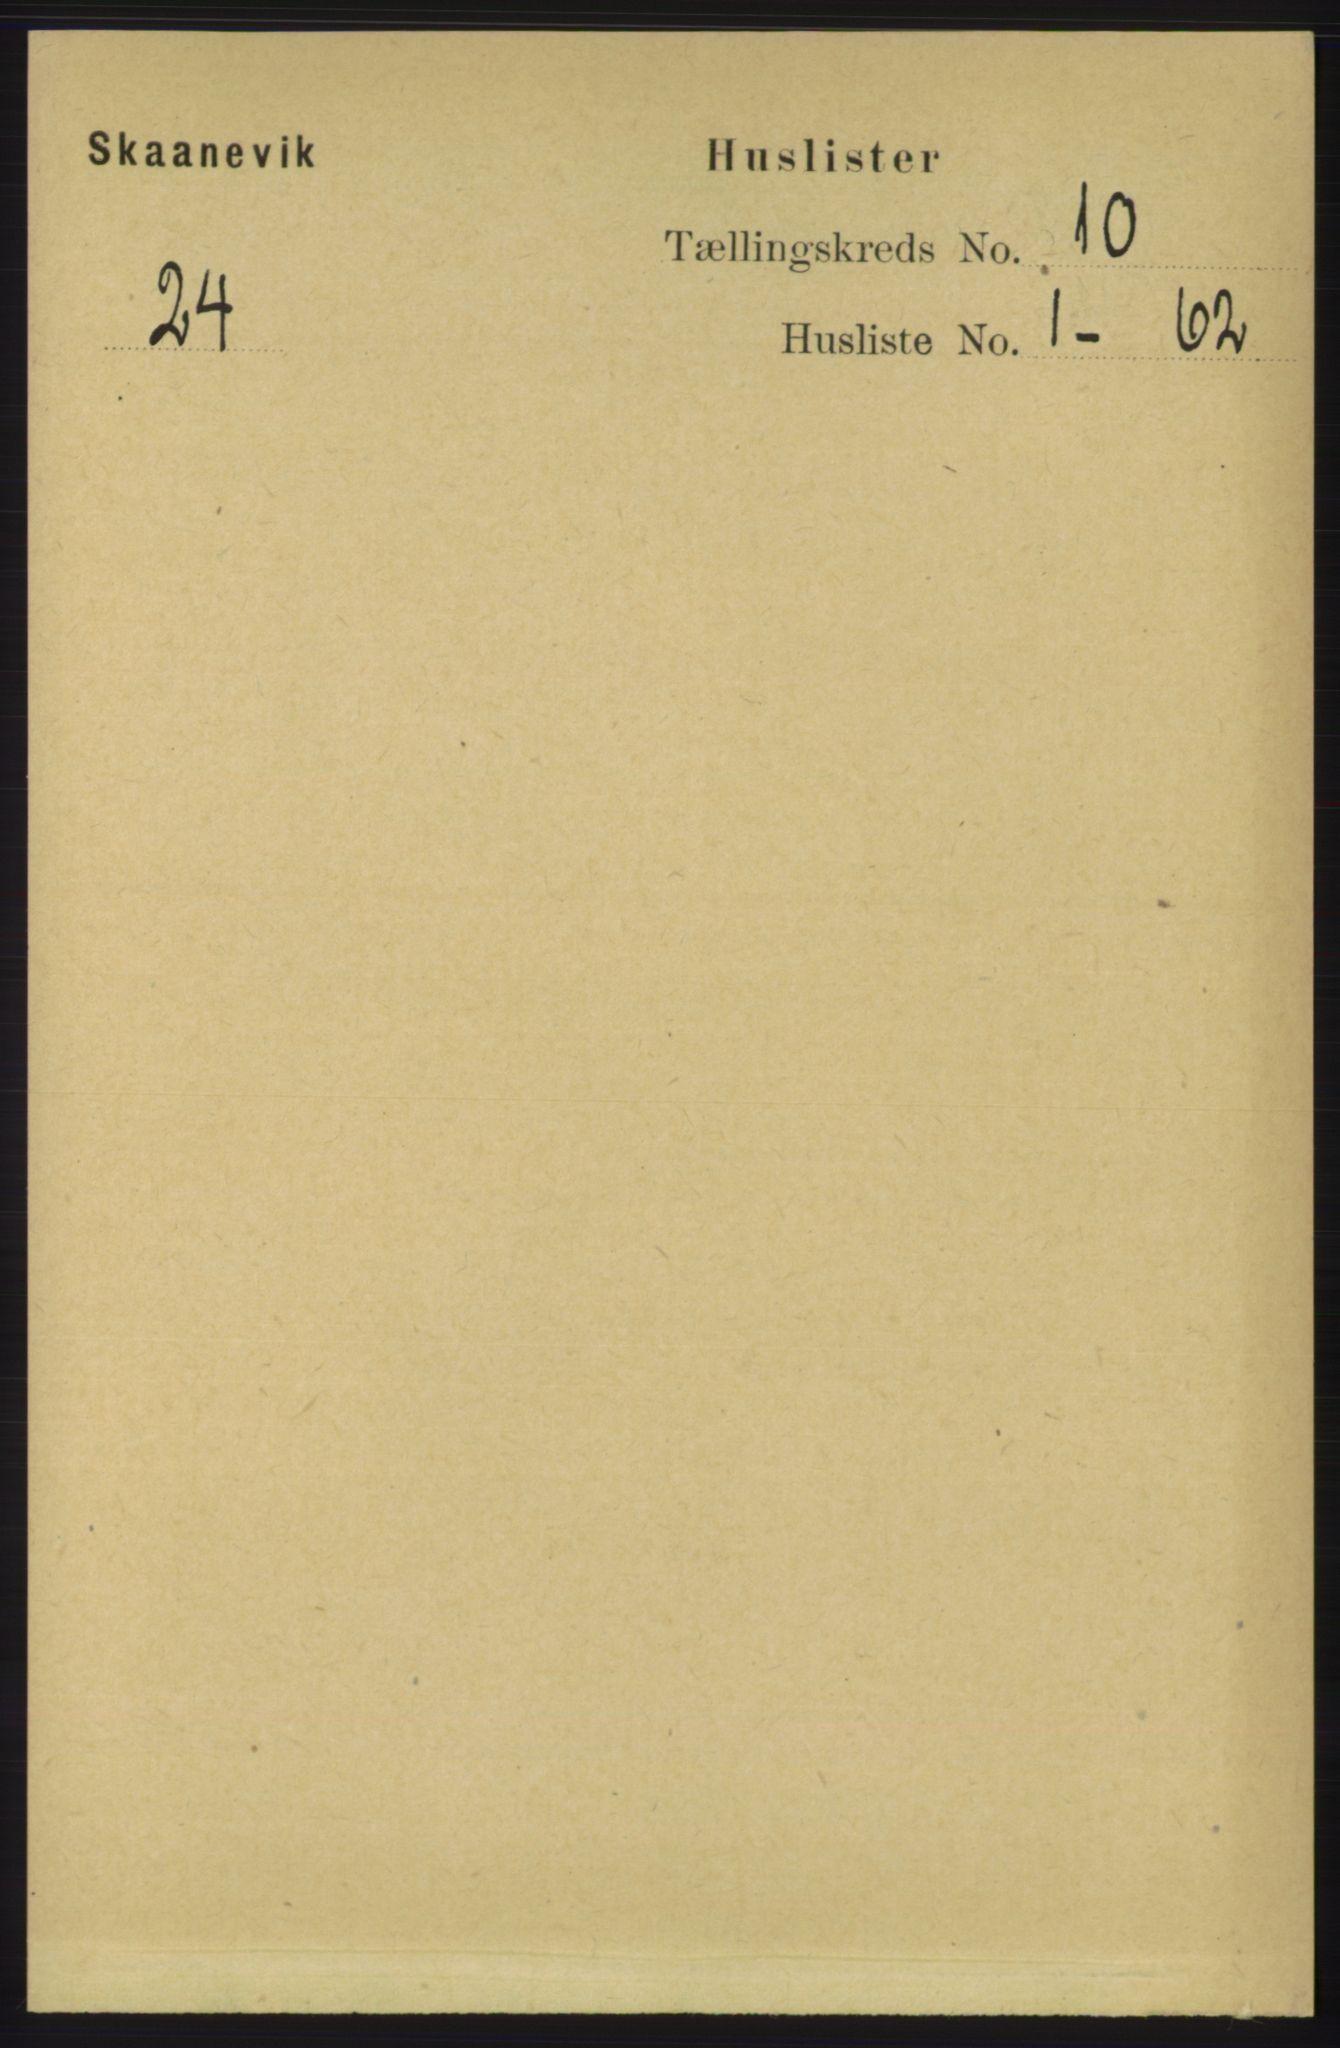 RA, Folketelling 1891 for 1212 Skånevik herred, 1891, s. 2863